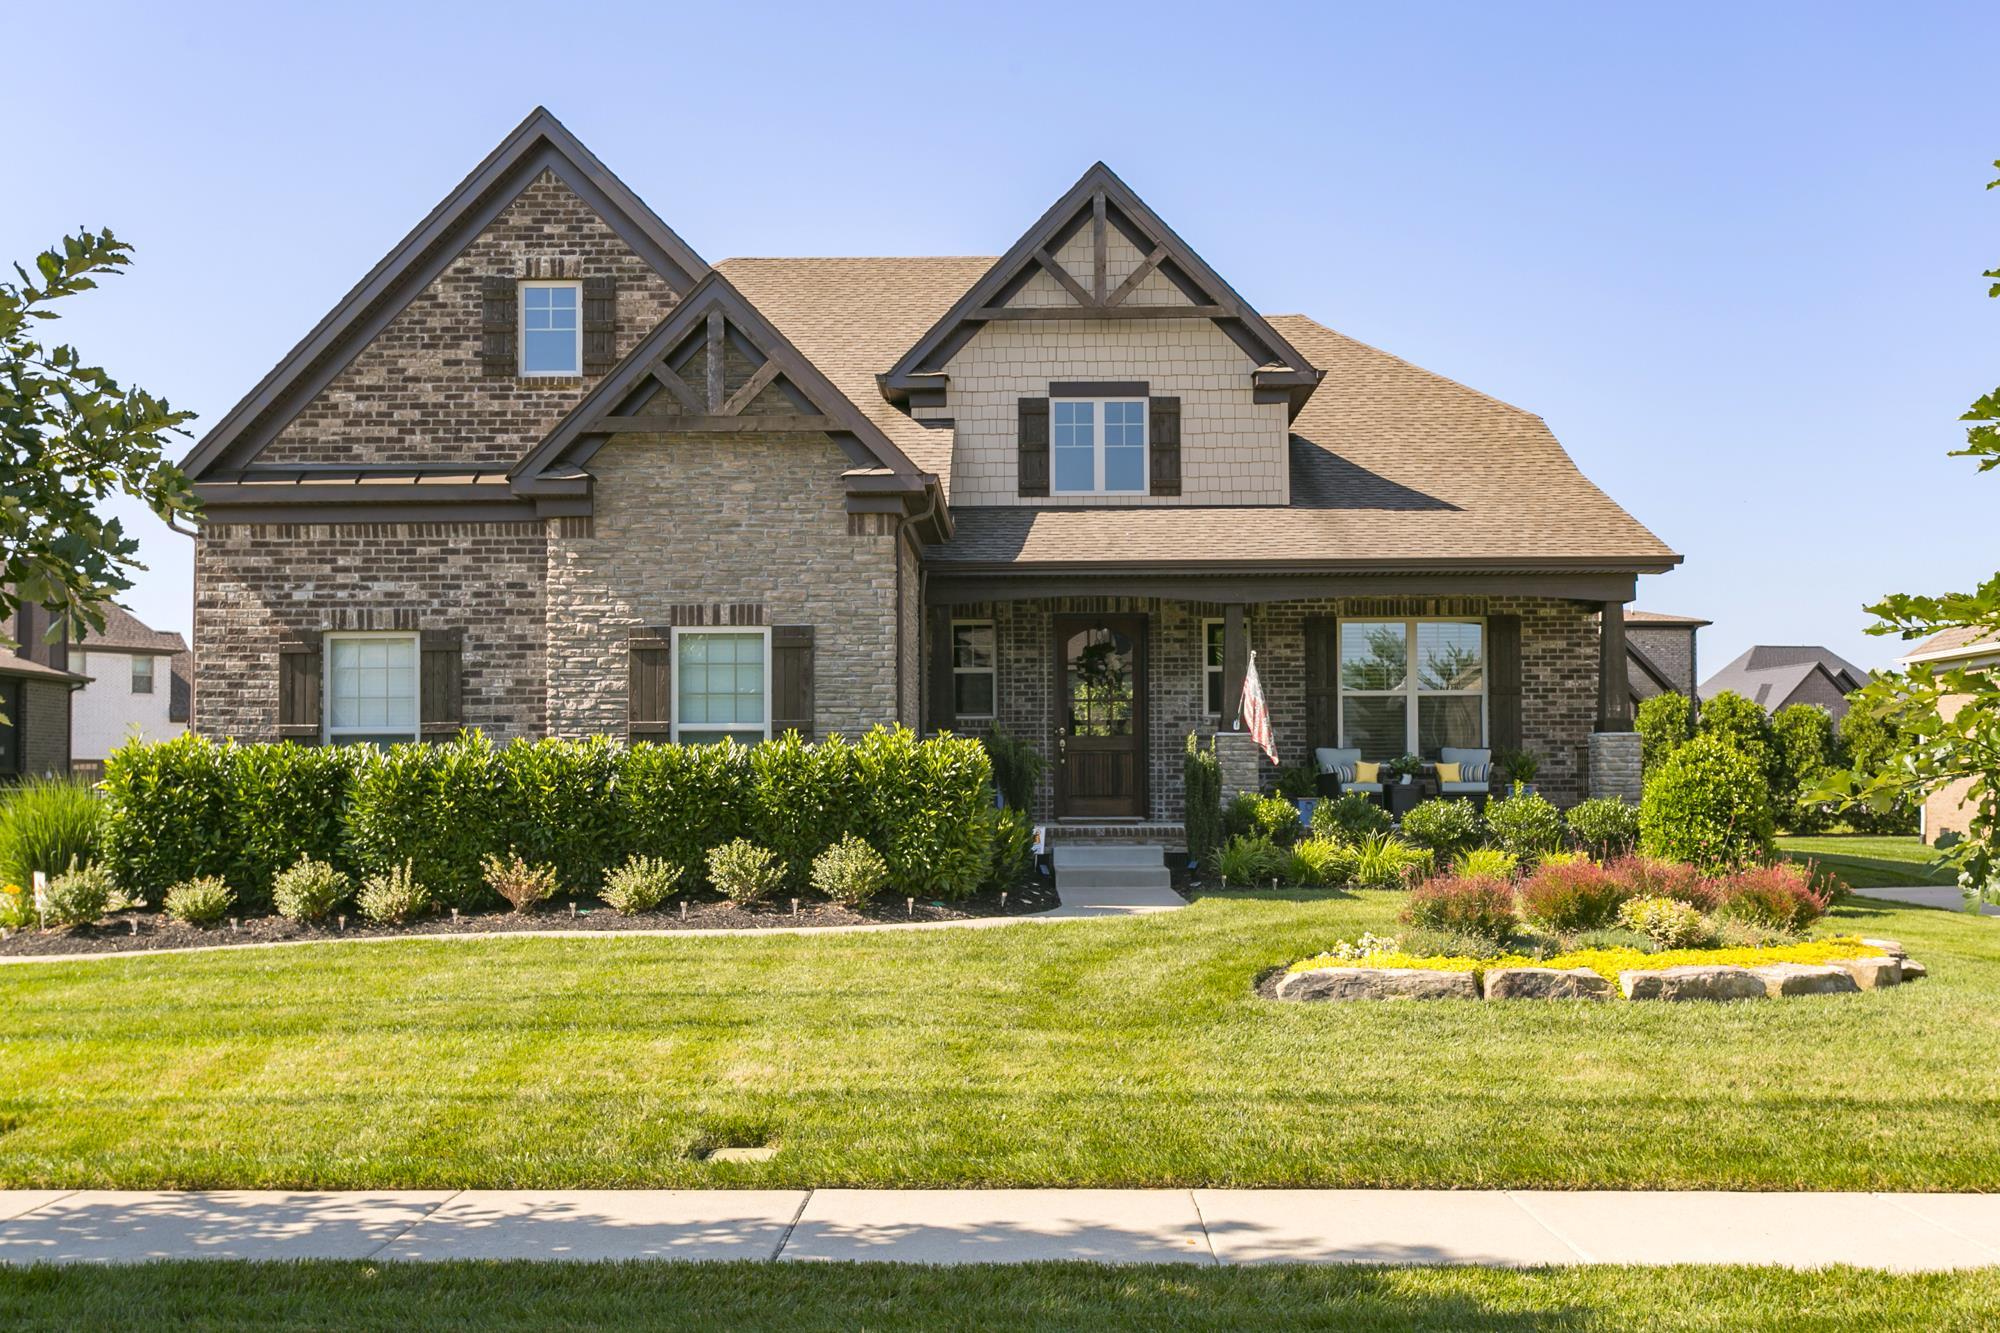 1728 Fairhaven Ln, Murfreesboro, TN 37128 - Murfreesboro, TN real estate listing